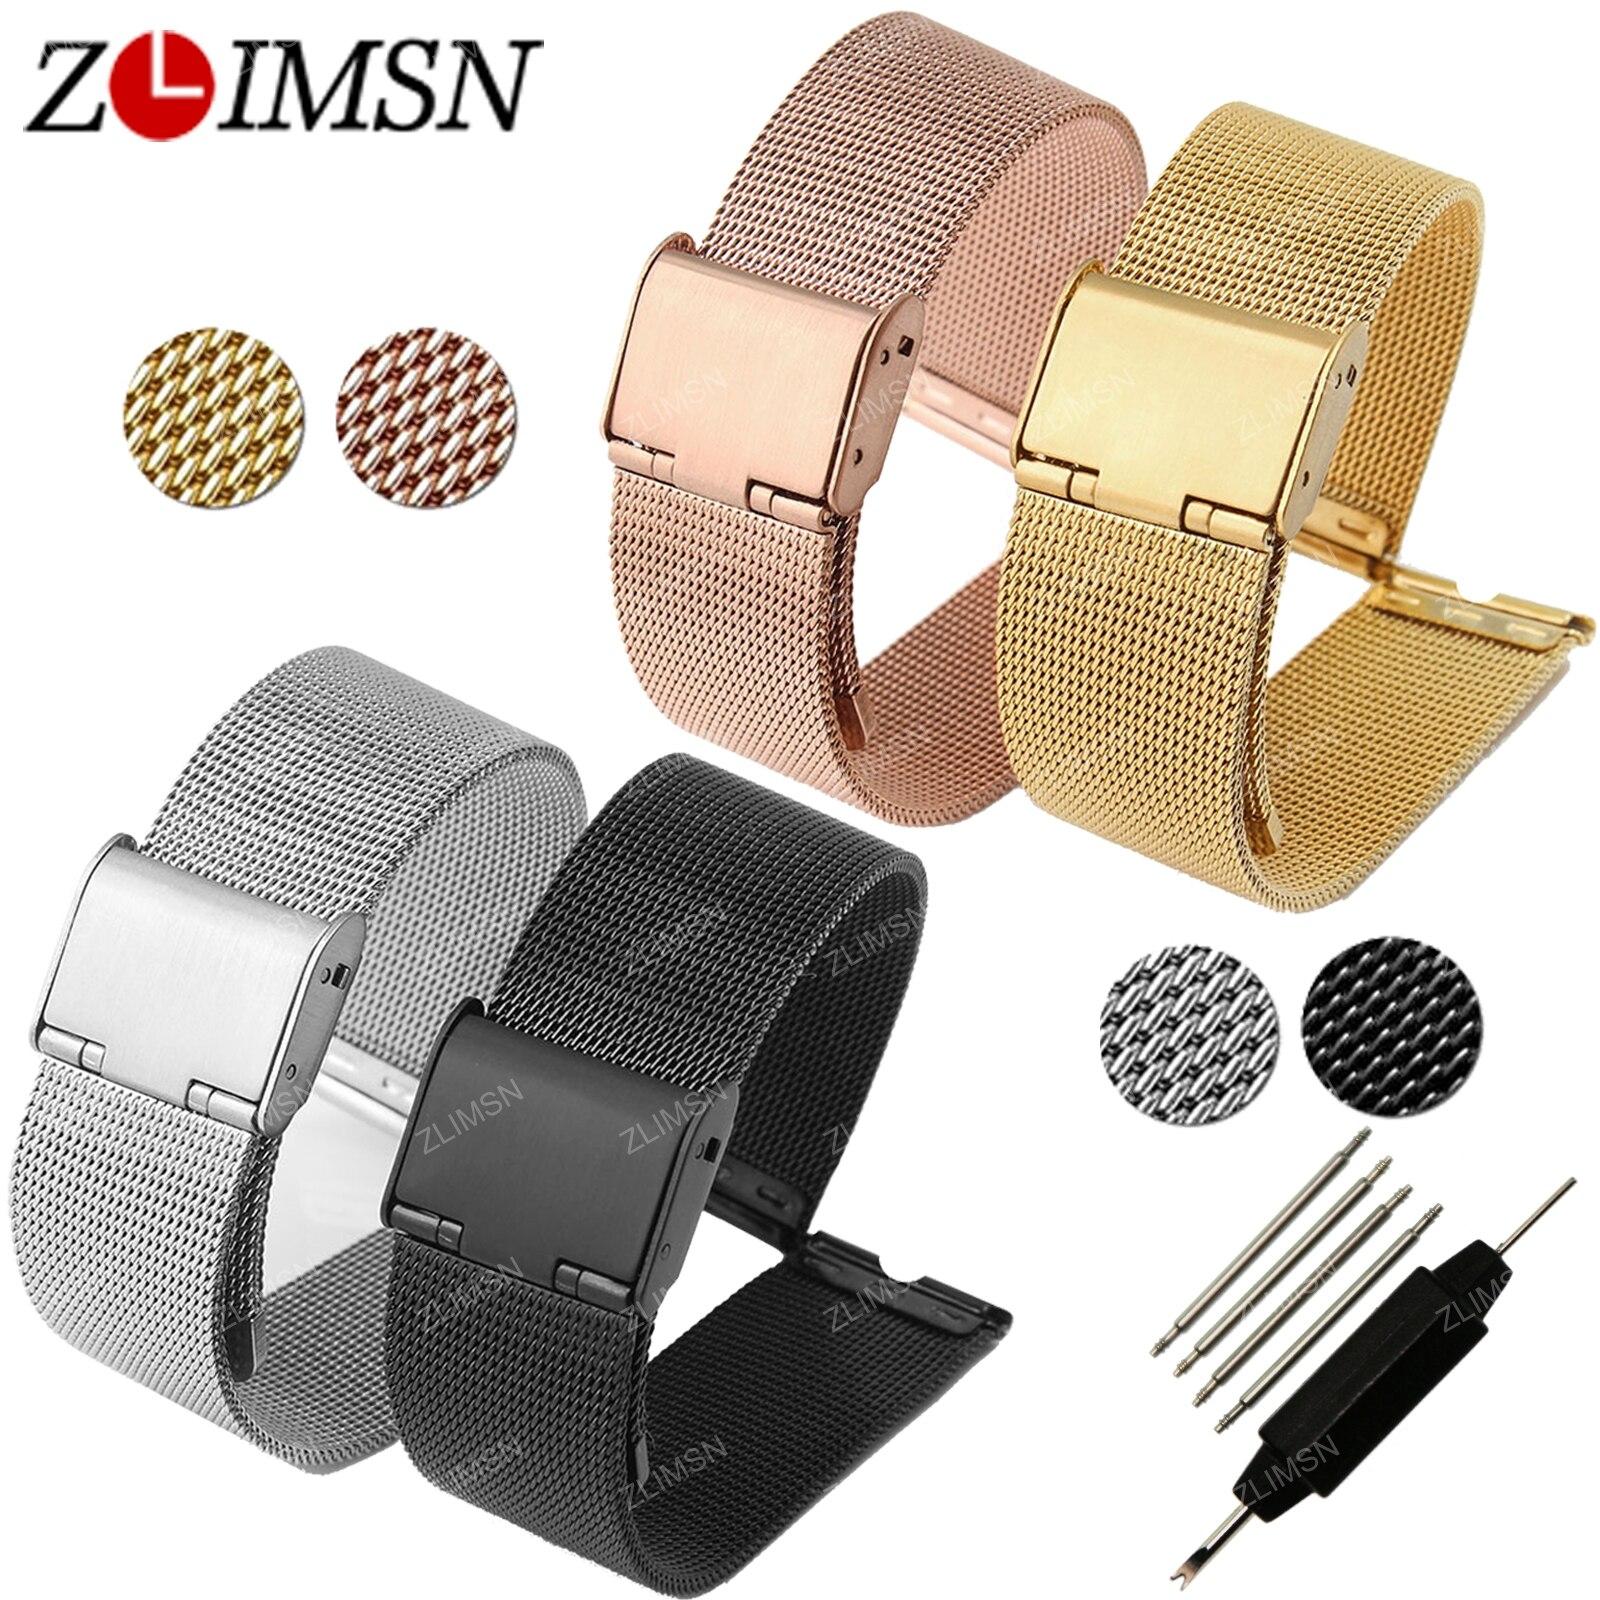 ZLIMSN Mesh Edelstahl Uhrenarmband Armband Uhrenarmbänder Silber - Uhrenzubehör - Foto 2